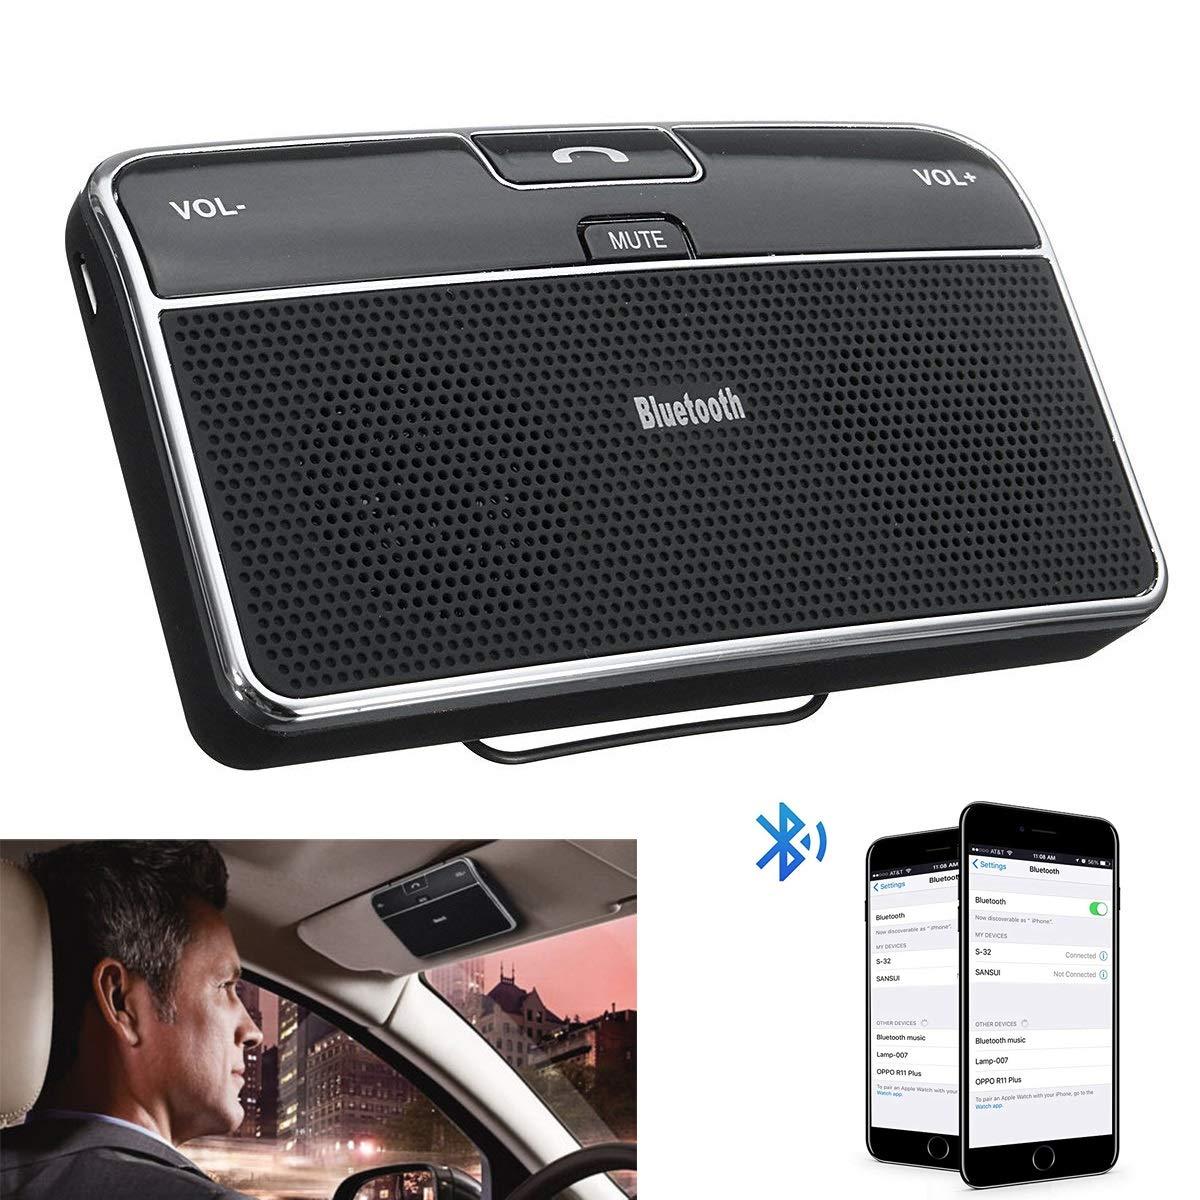 公式の  車用携帯電話 スピーカーフォン ハンズフリー Bluetooth ワイヤレス Bluetooth B07L8ZHGZM ハンズフリー サンバイザー スピーカー Bluetooth レシーバー B07L8ZHGZM, クッション工場/長座布団/抱き枕:425d467d --- jagorawi.com